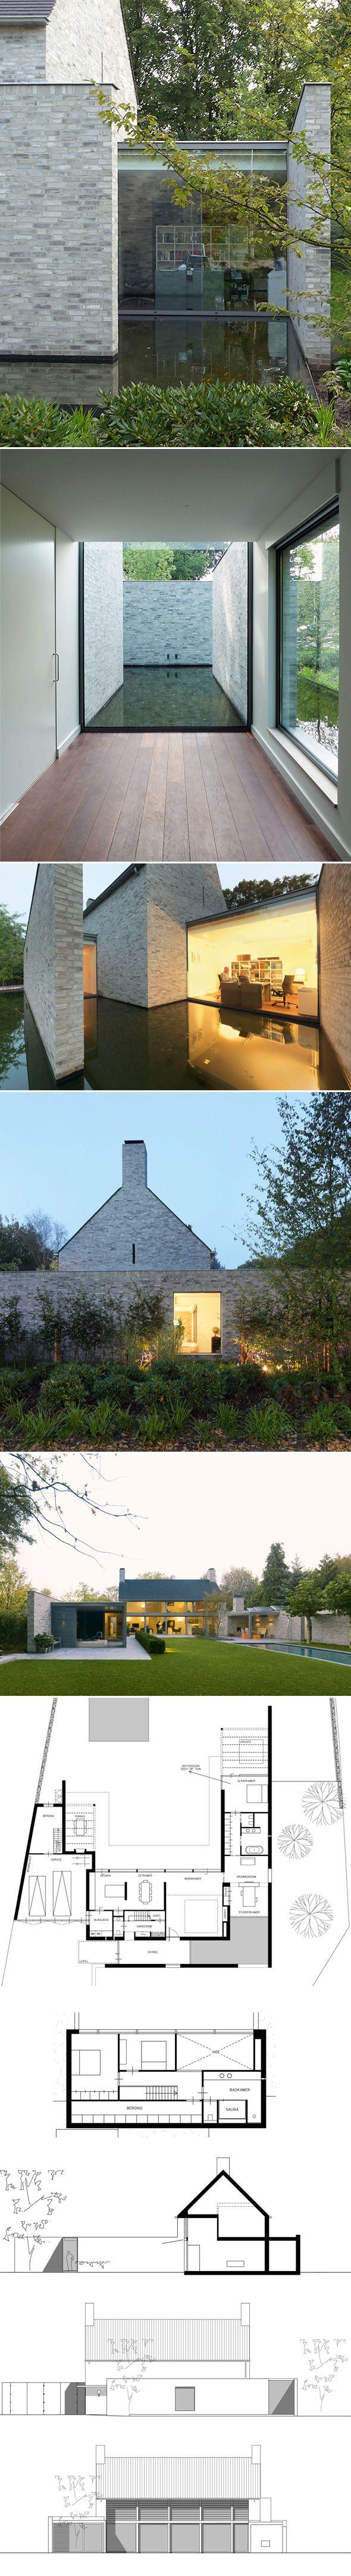 Villa rotonda par bedaux de brouwer architecten